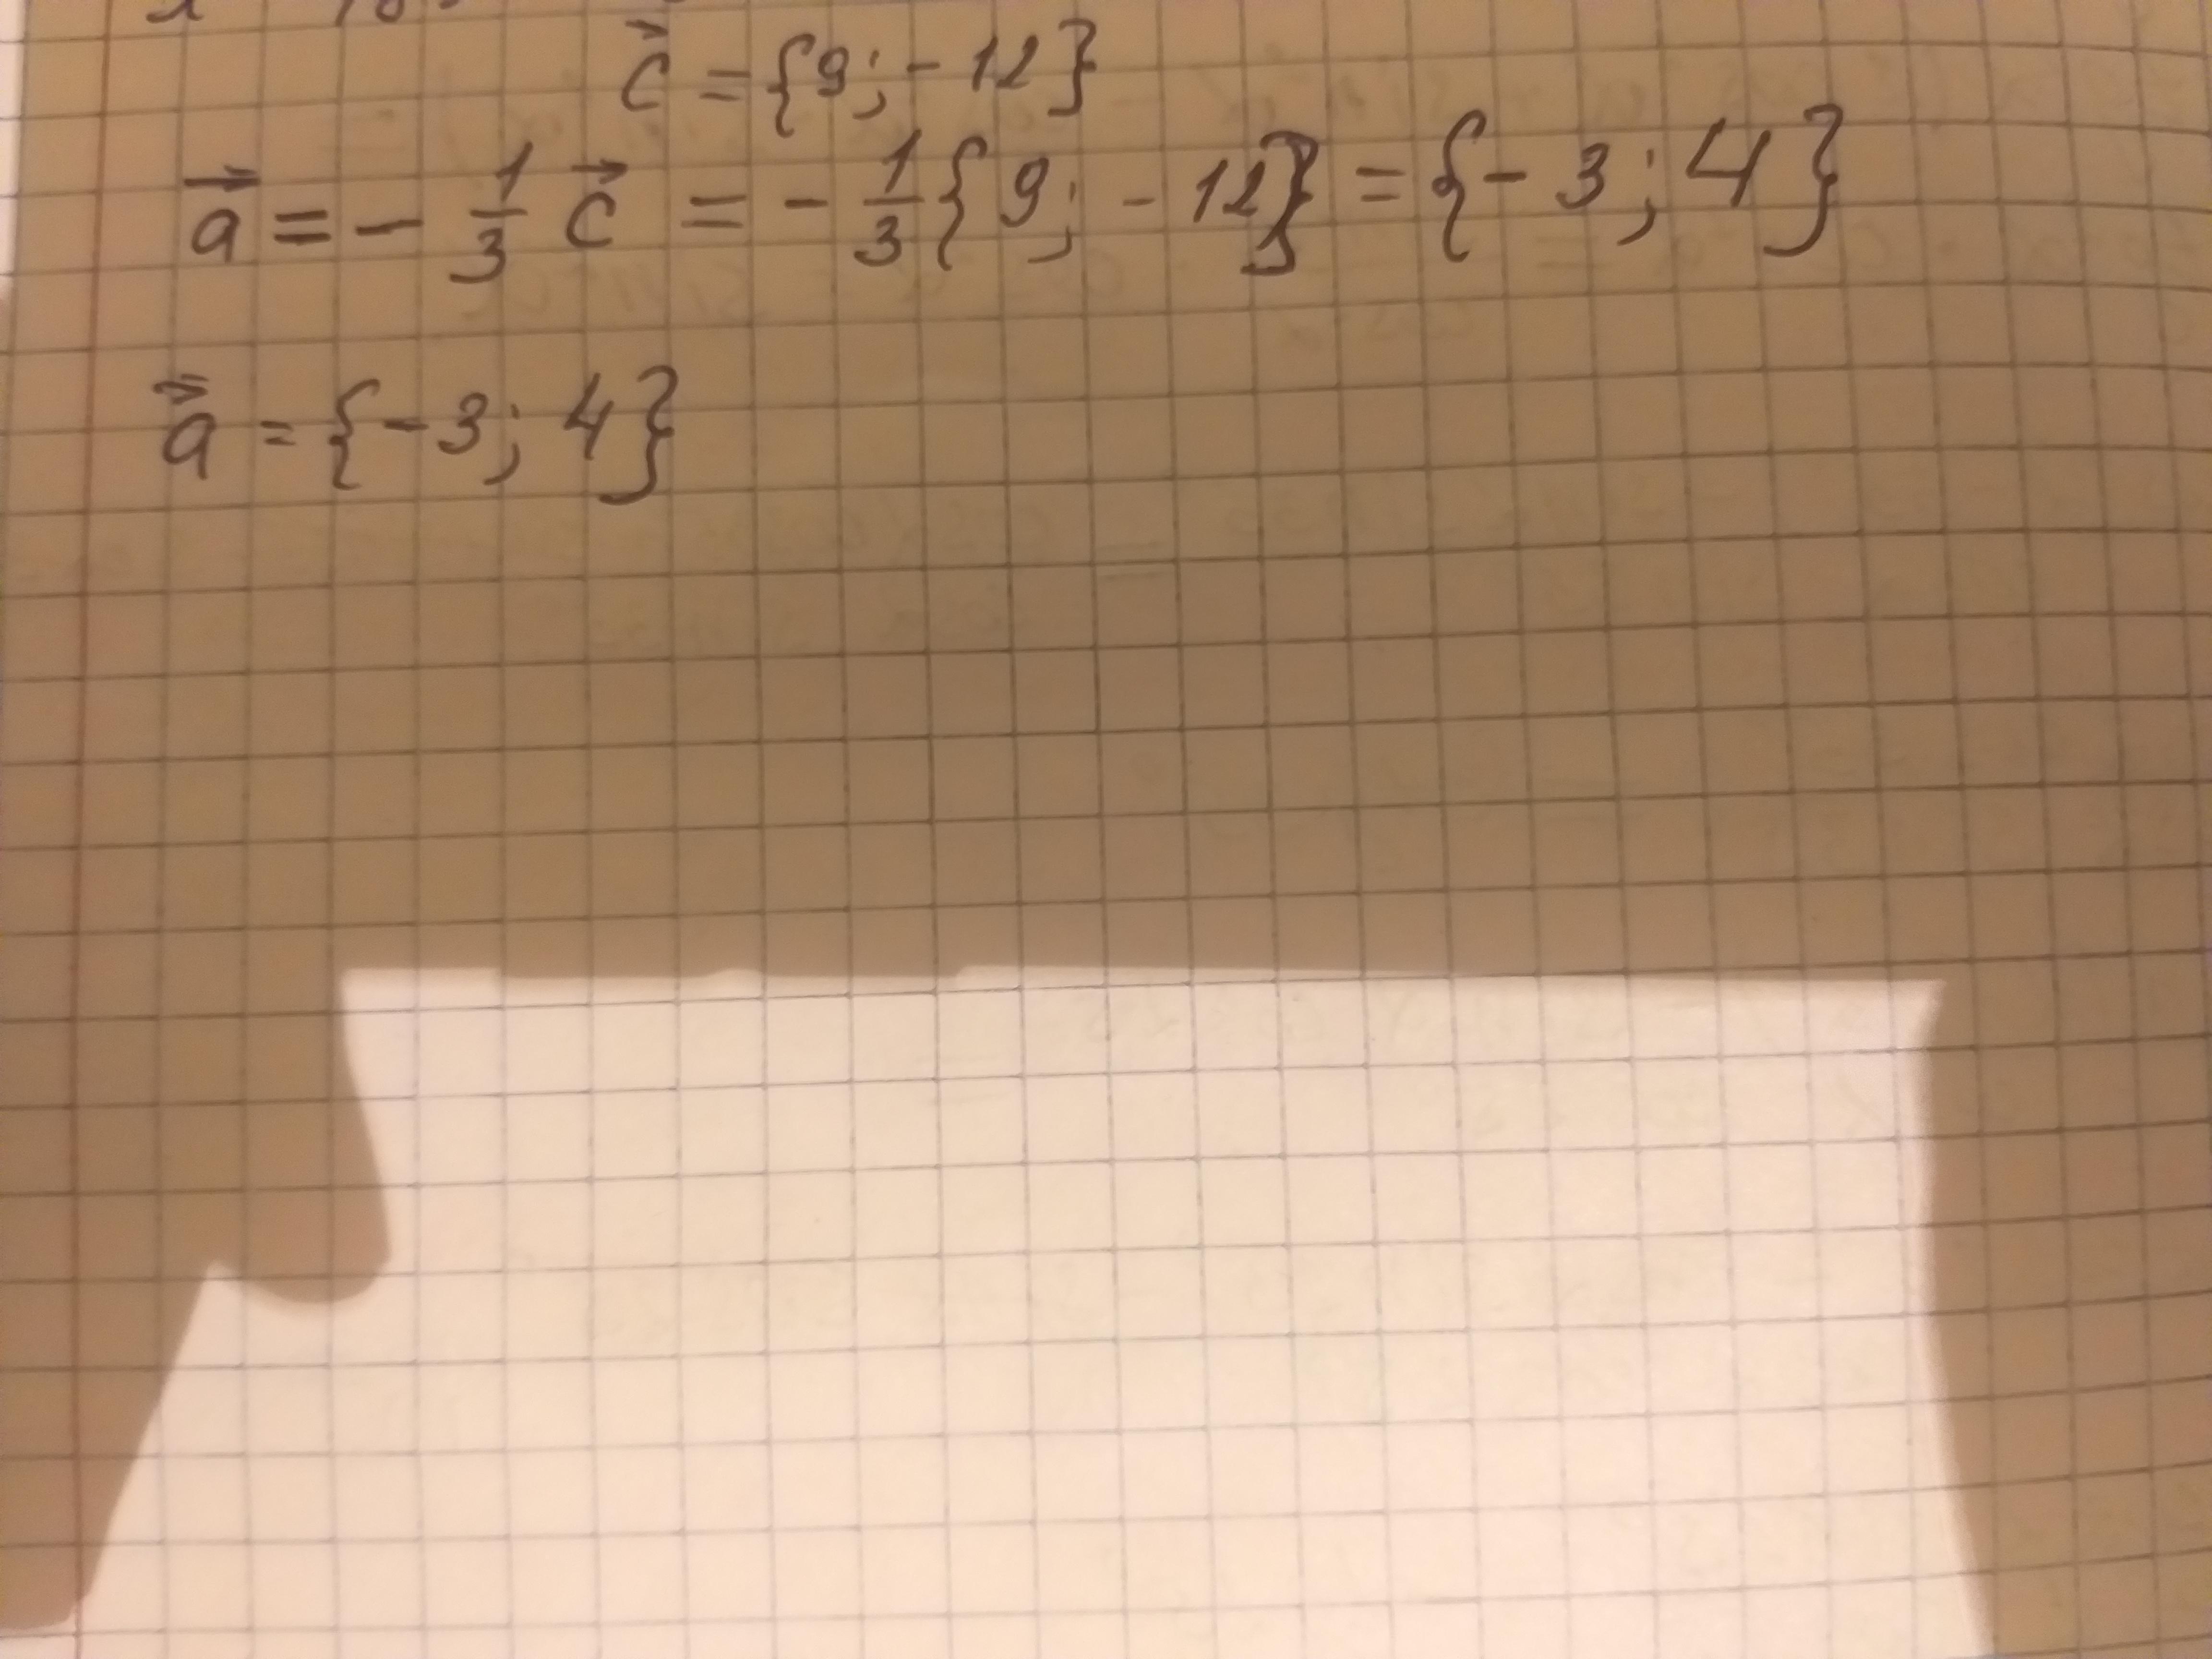 Знайдіть координати вектора а = -(1/3)с якщо с